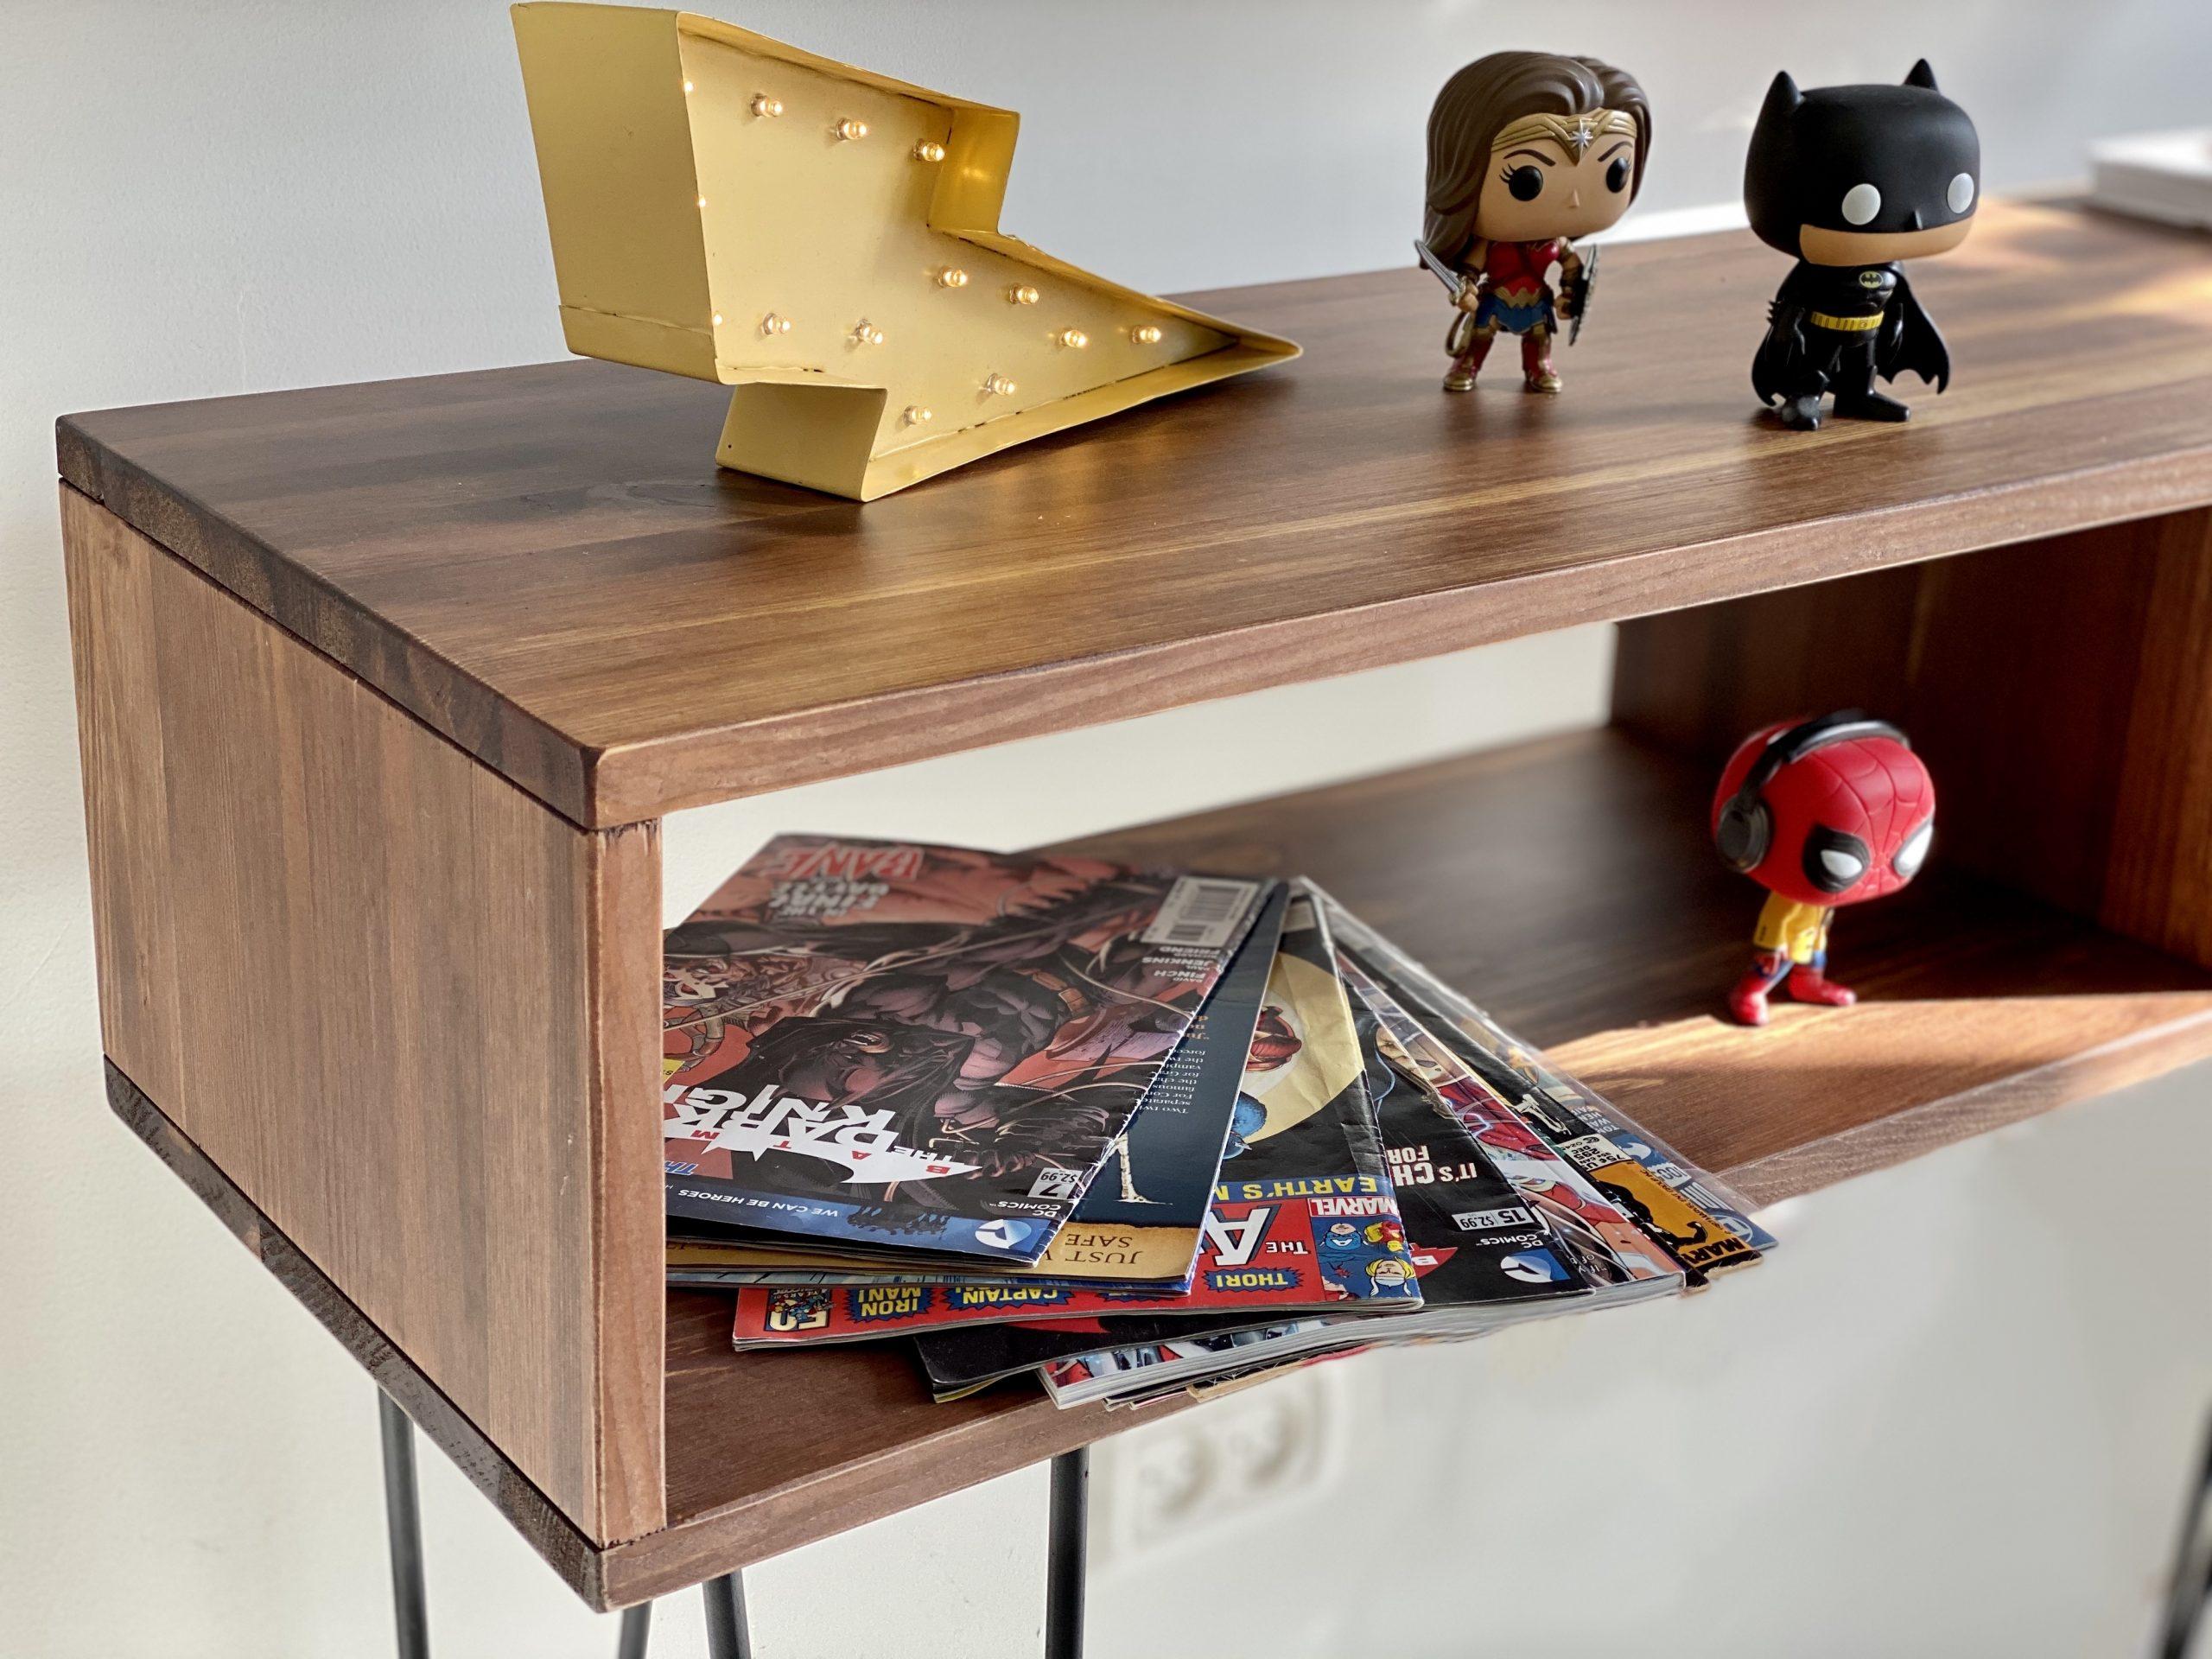 חדר גיבורי על קונסולה קואלה רהיטים שירי ויצנר בלוג חיפאית13